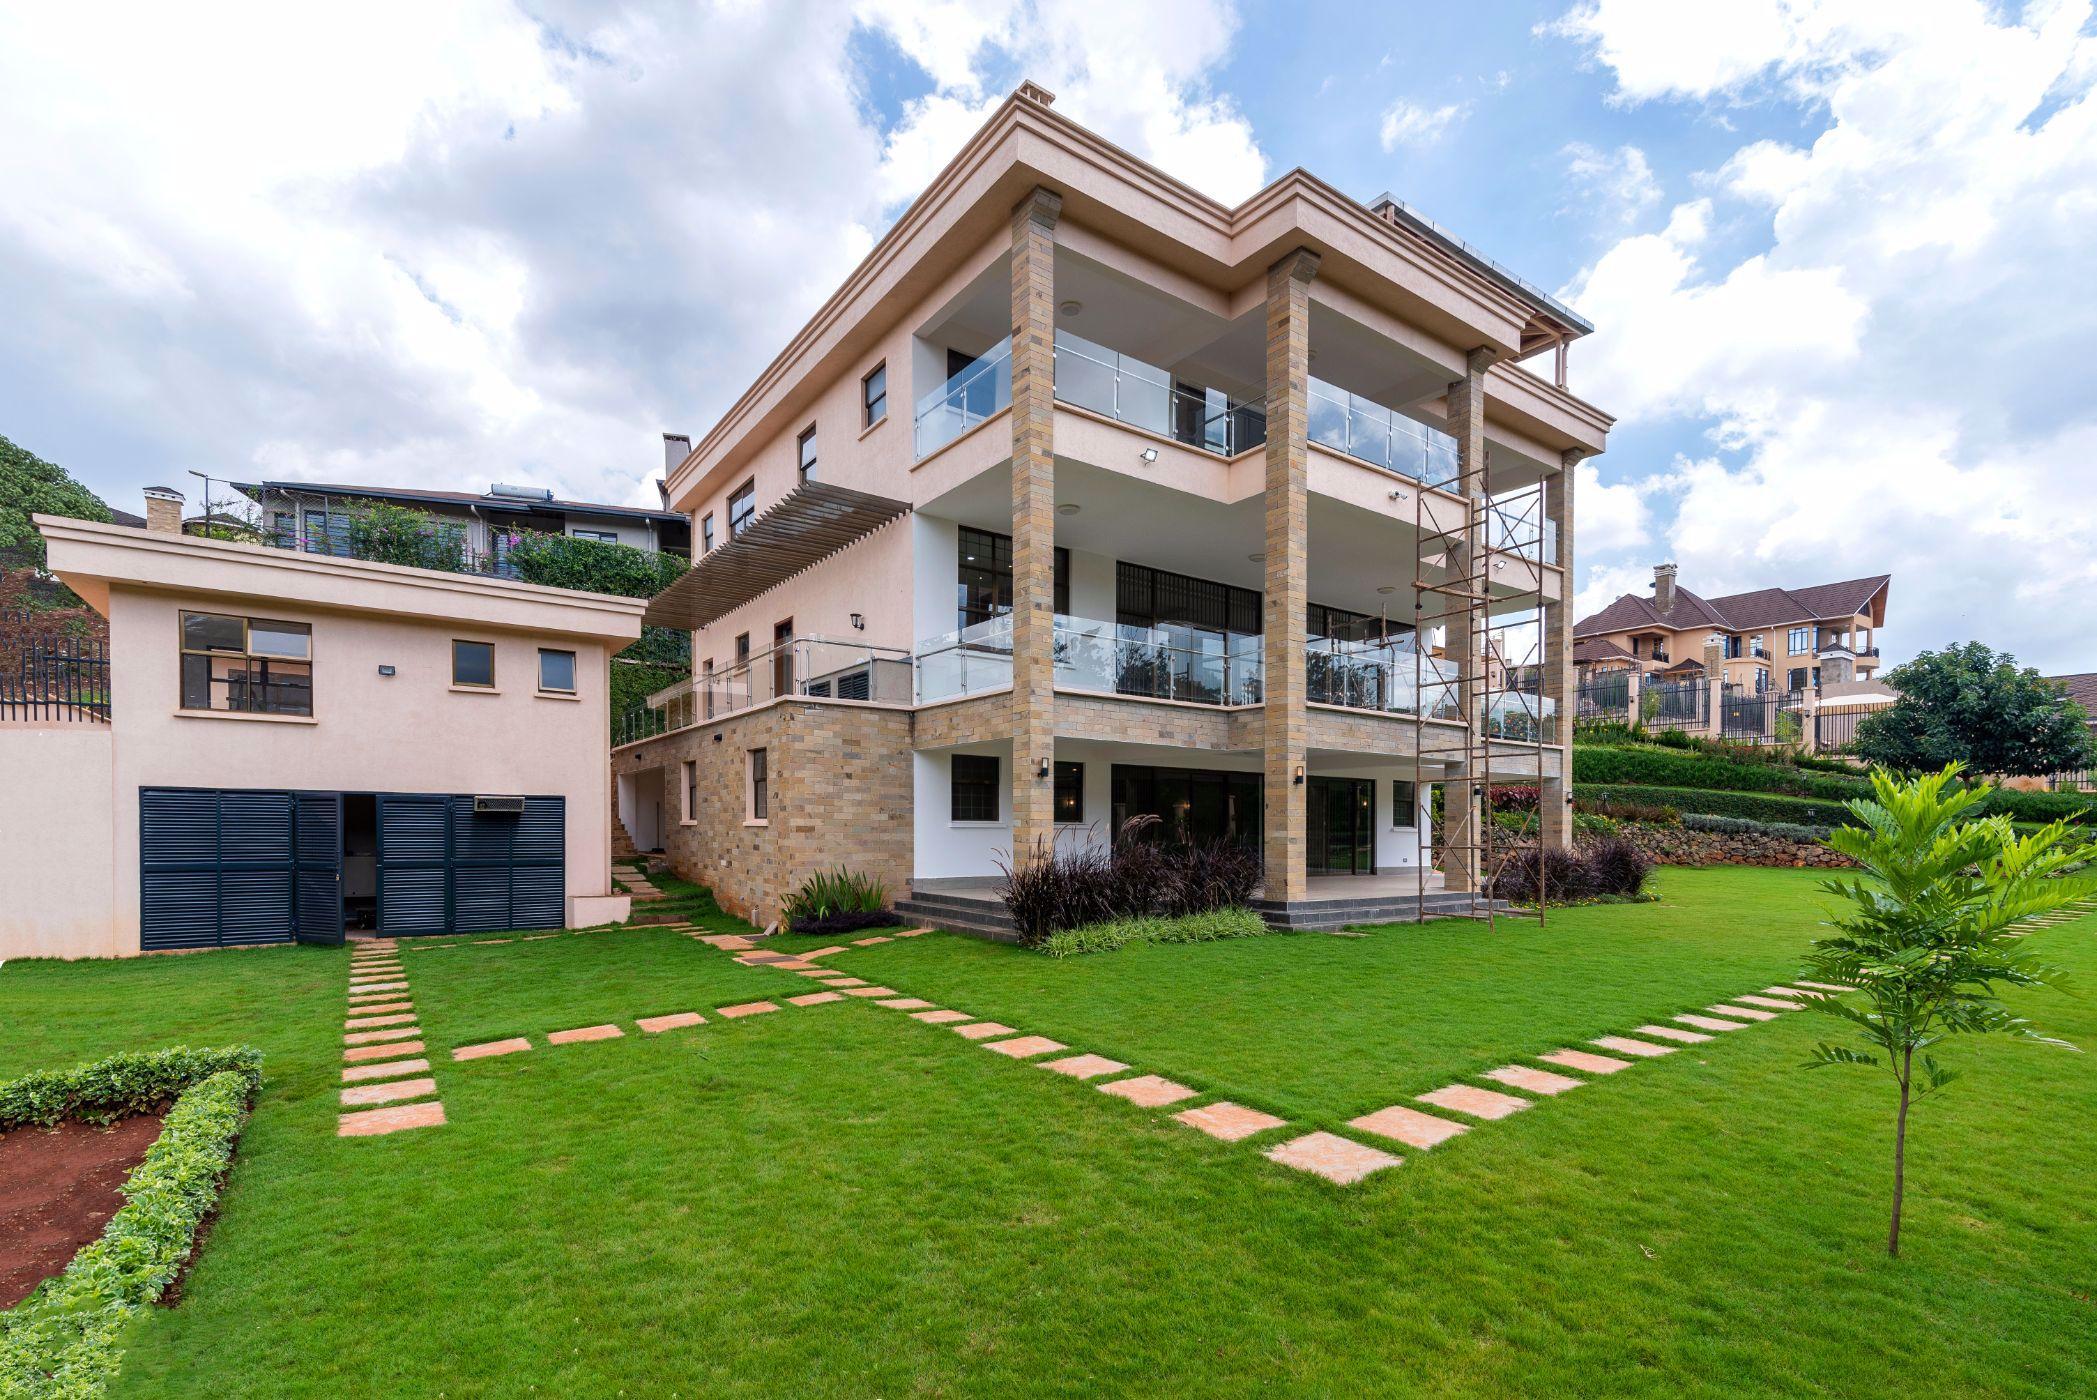 5 bedroom house to rent in Nyari (Kenya)